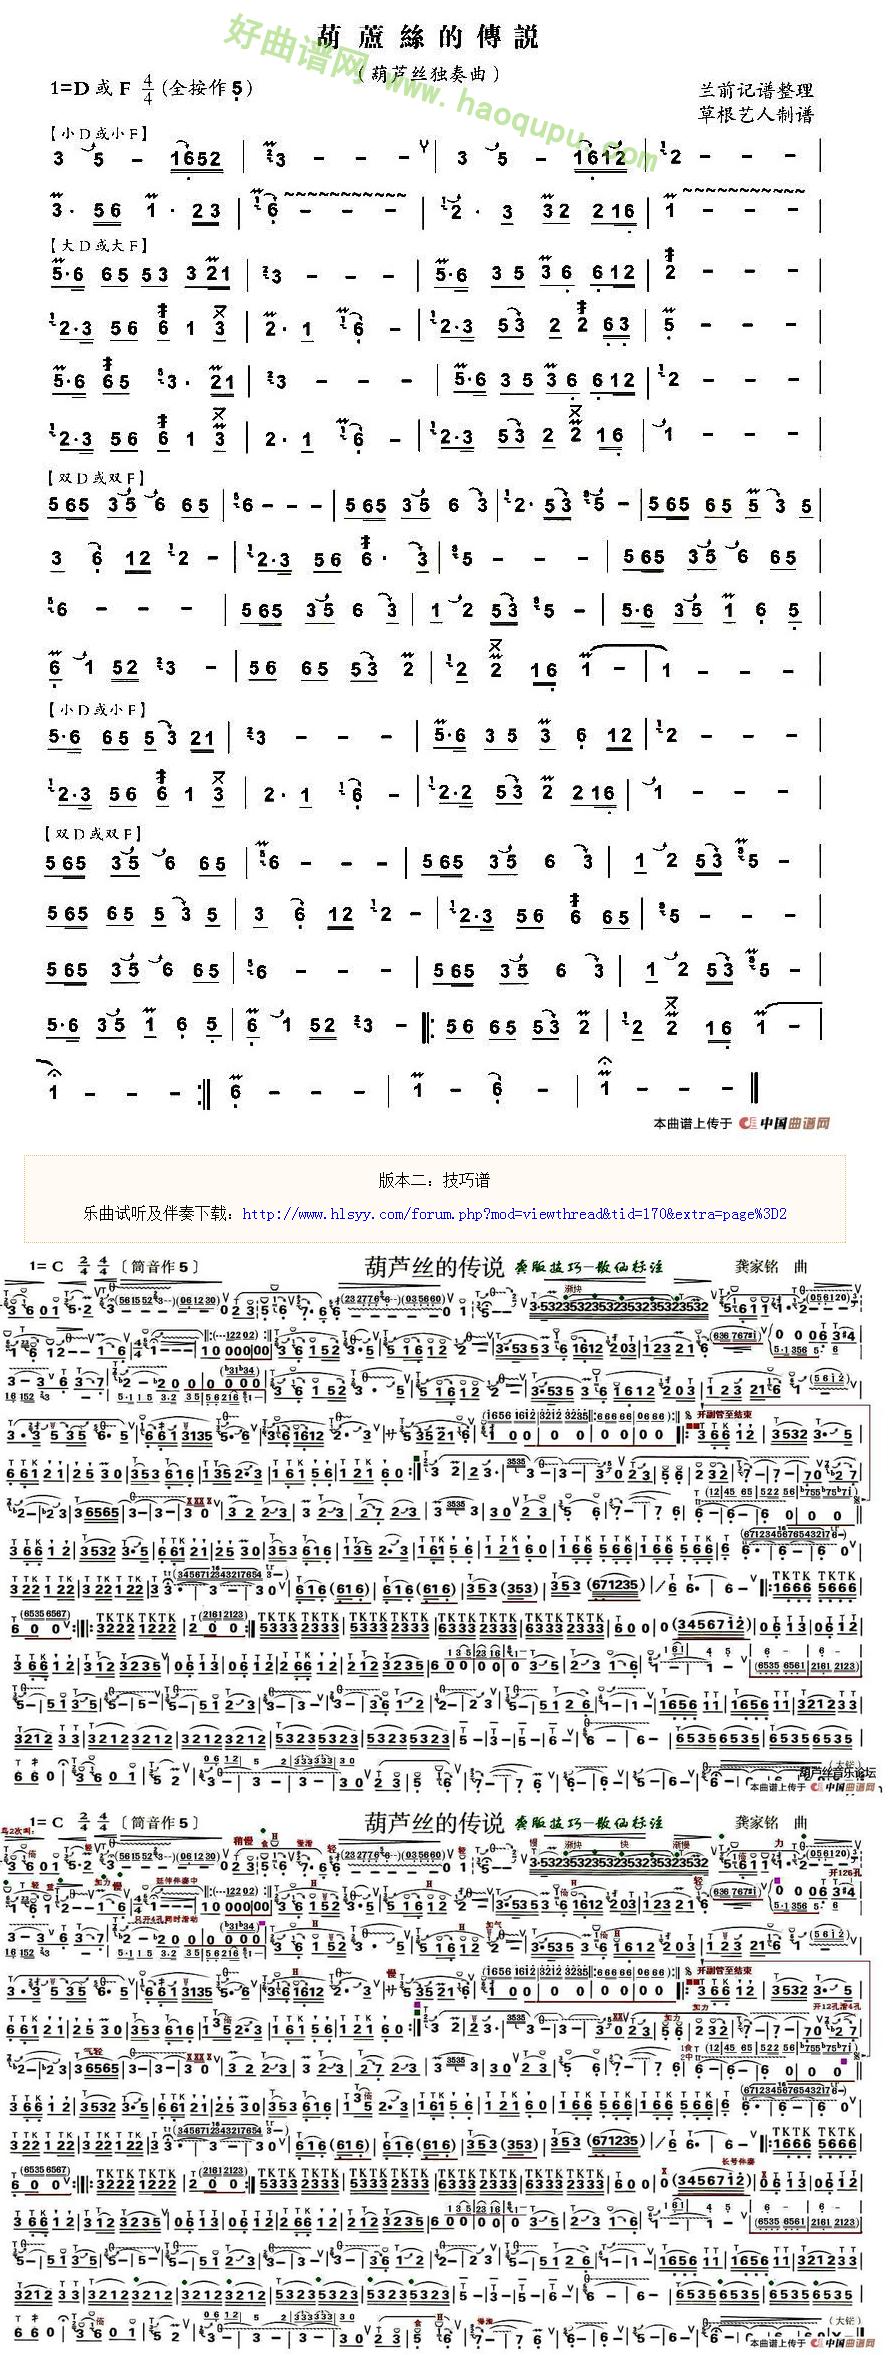 《葫芦丝的传说》 - 葫芦丝曲谱